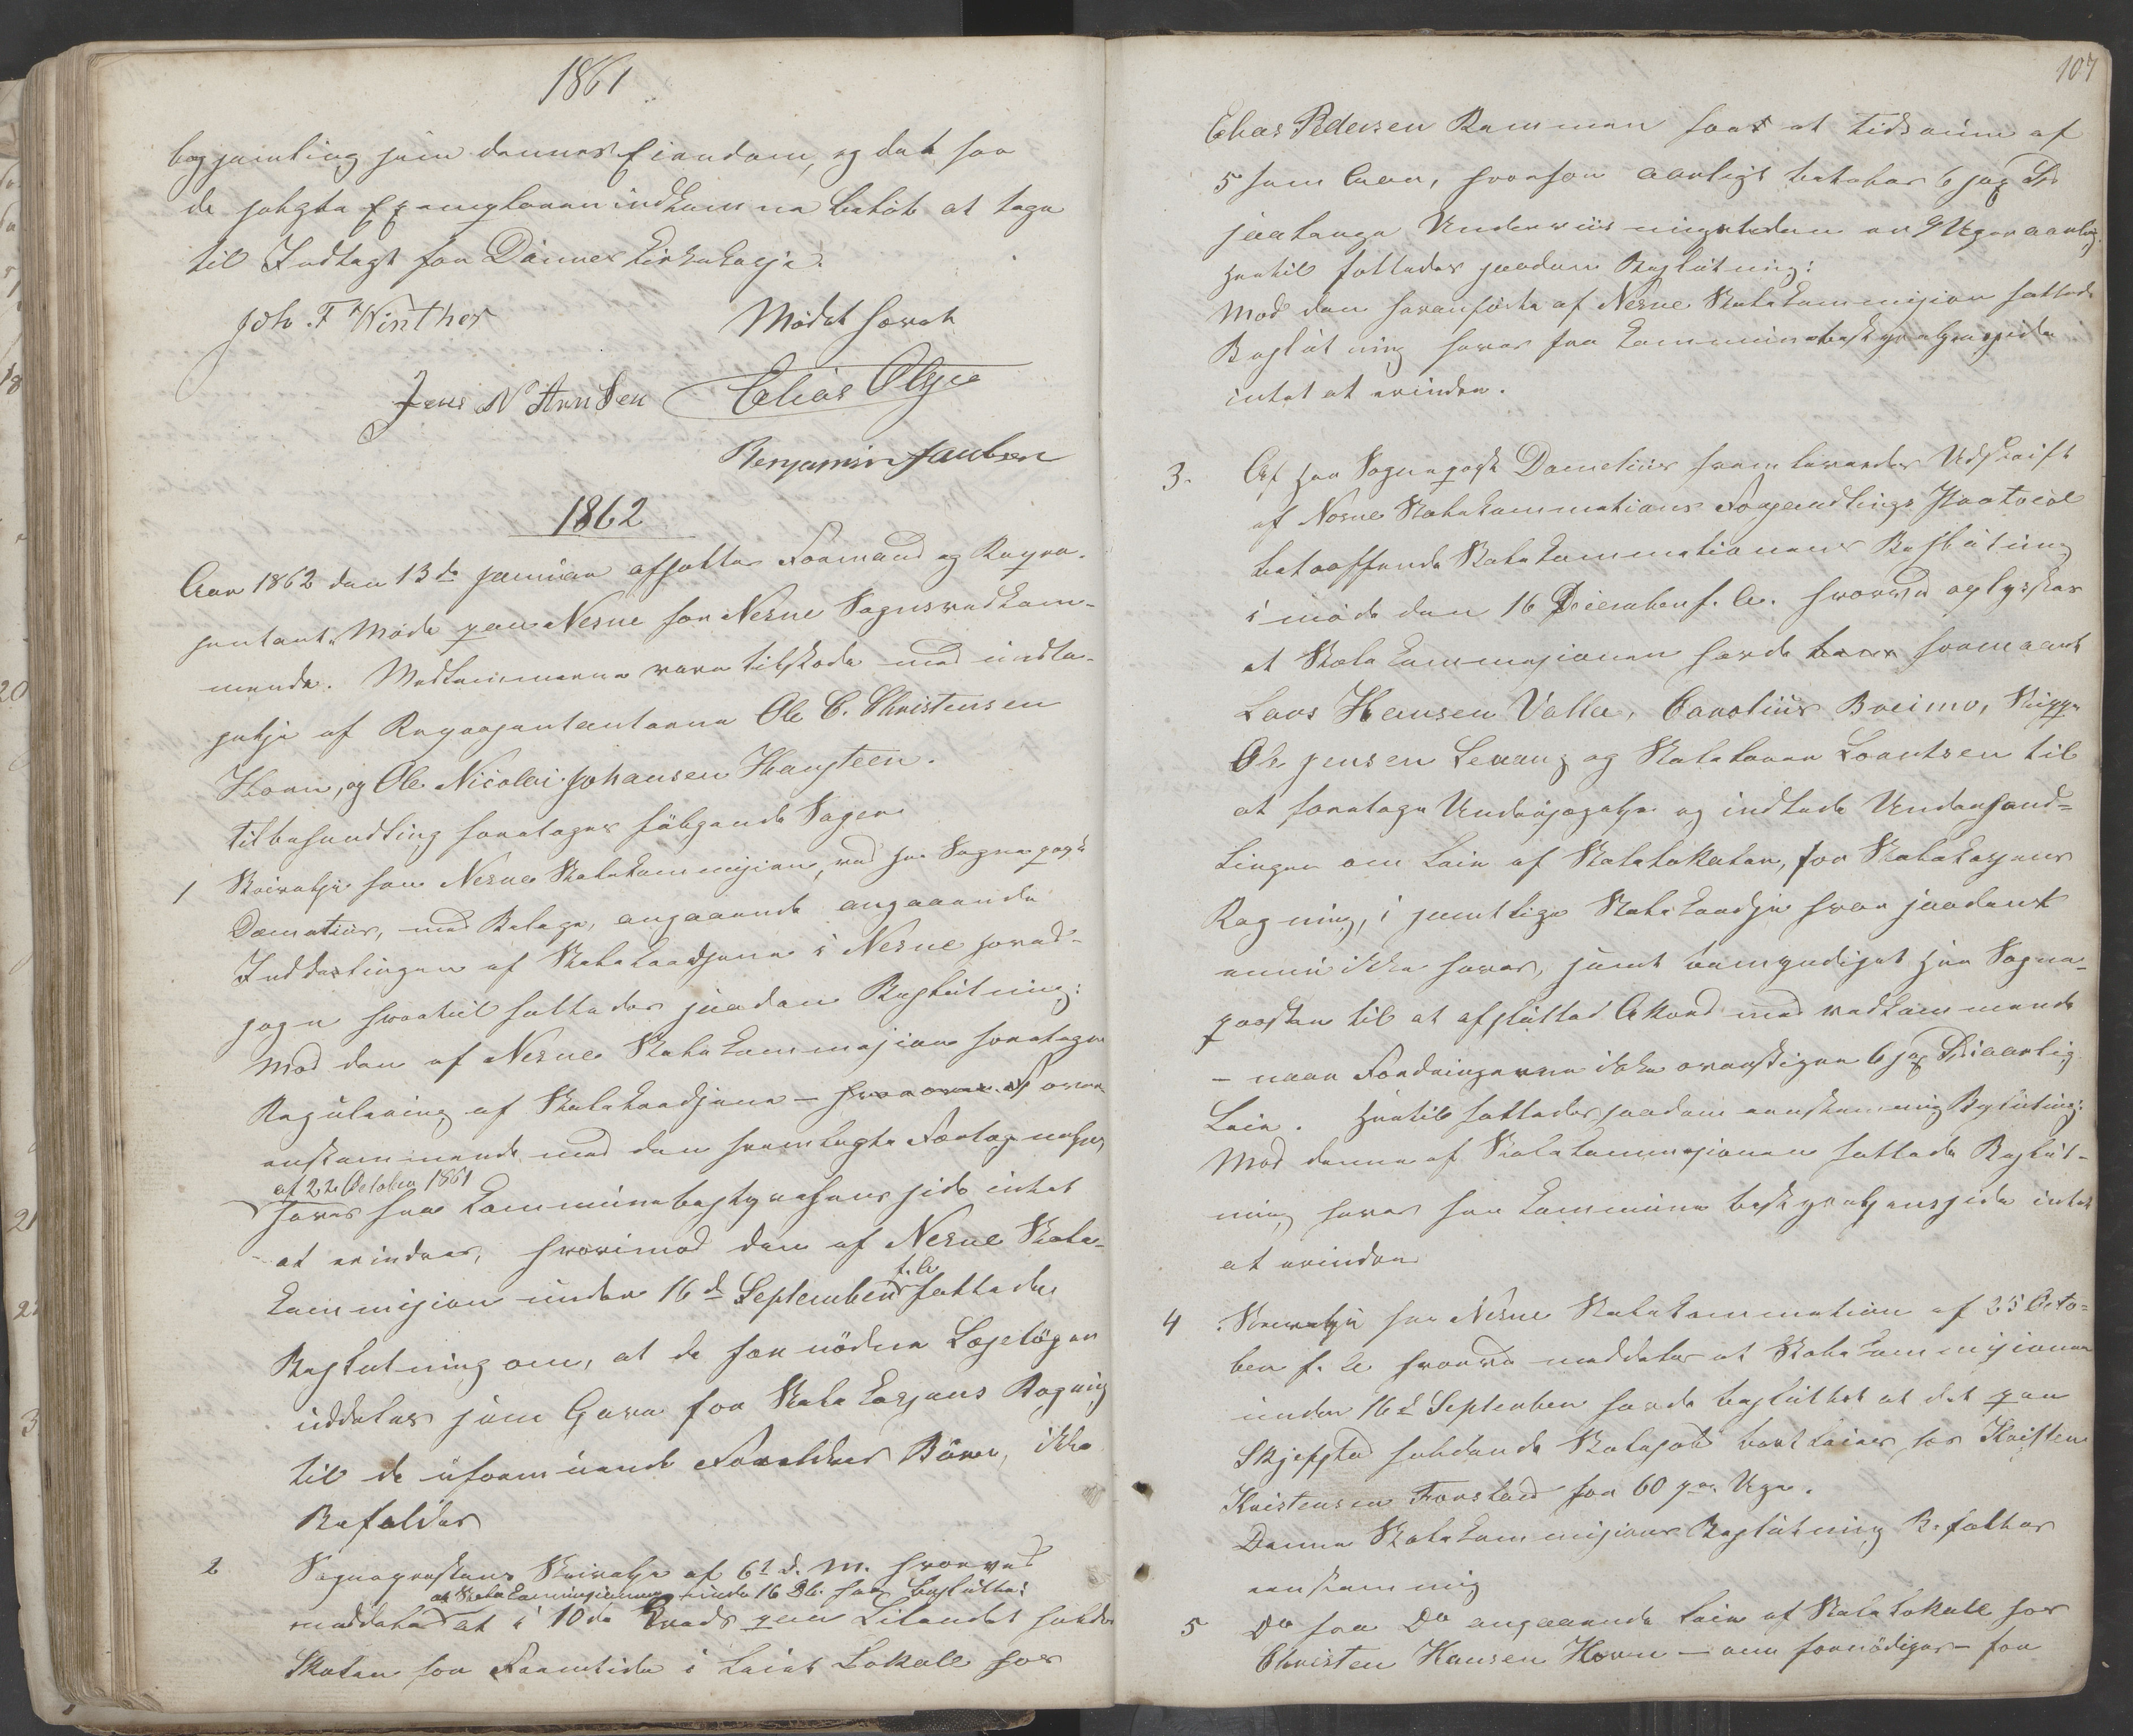 AIN, Nesna kommune. Formannskapet, 100/L0001: Møtebok, 1838-1873, s. 107